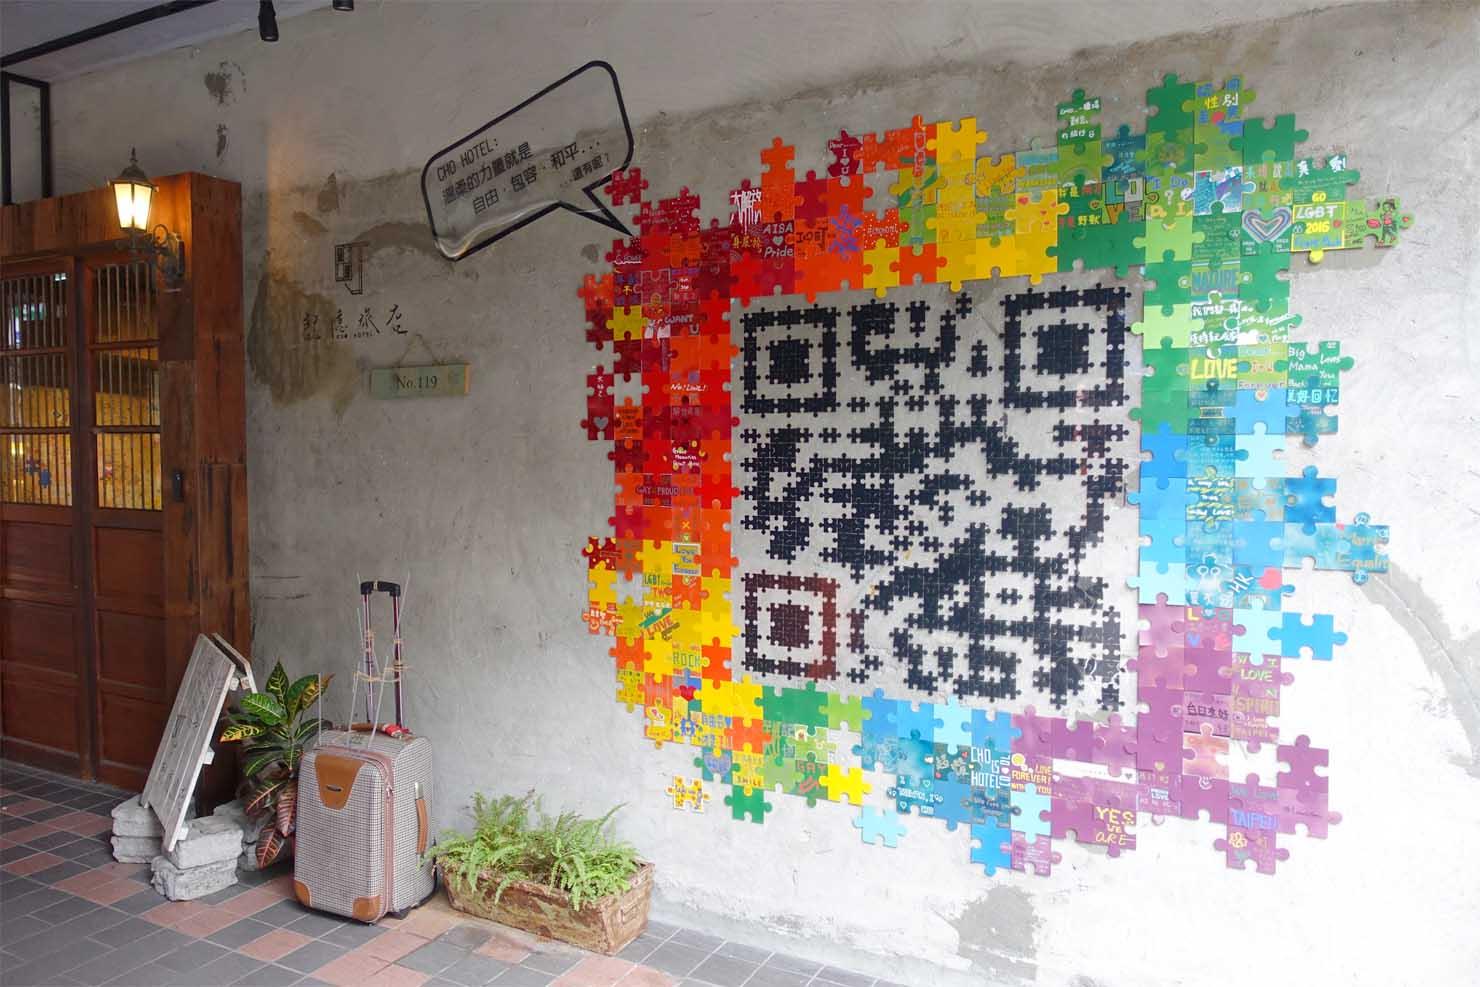 台灣同志遊行(台湾LGBTプライド)期間限定でレインボーに染まる台北・西門町のLGBTフレンドリーホテル「町・記憶旅店 Cho Hotel」エントランス